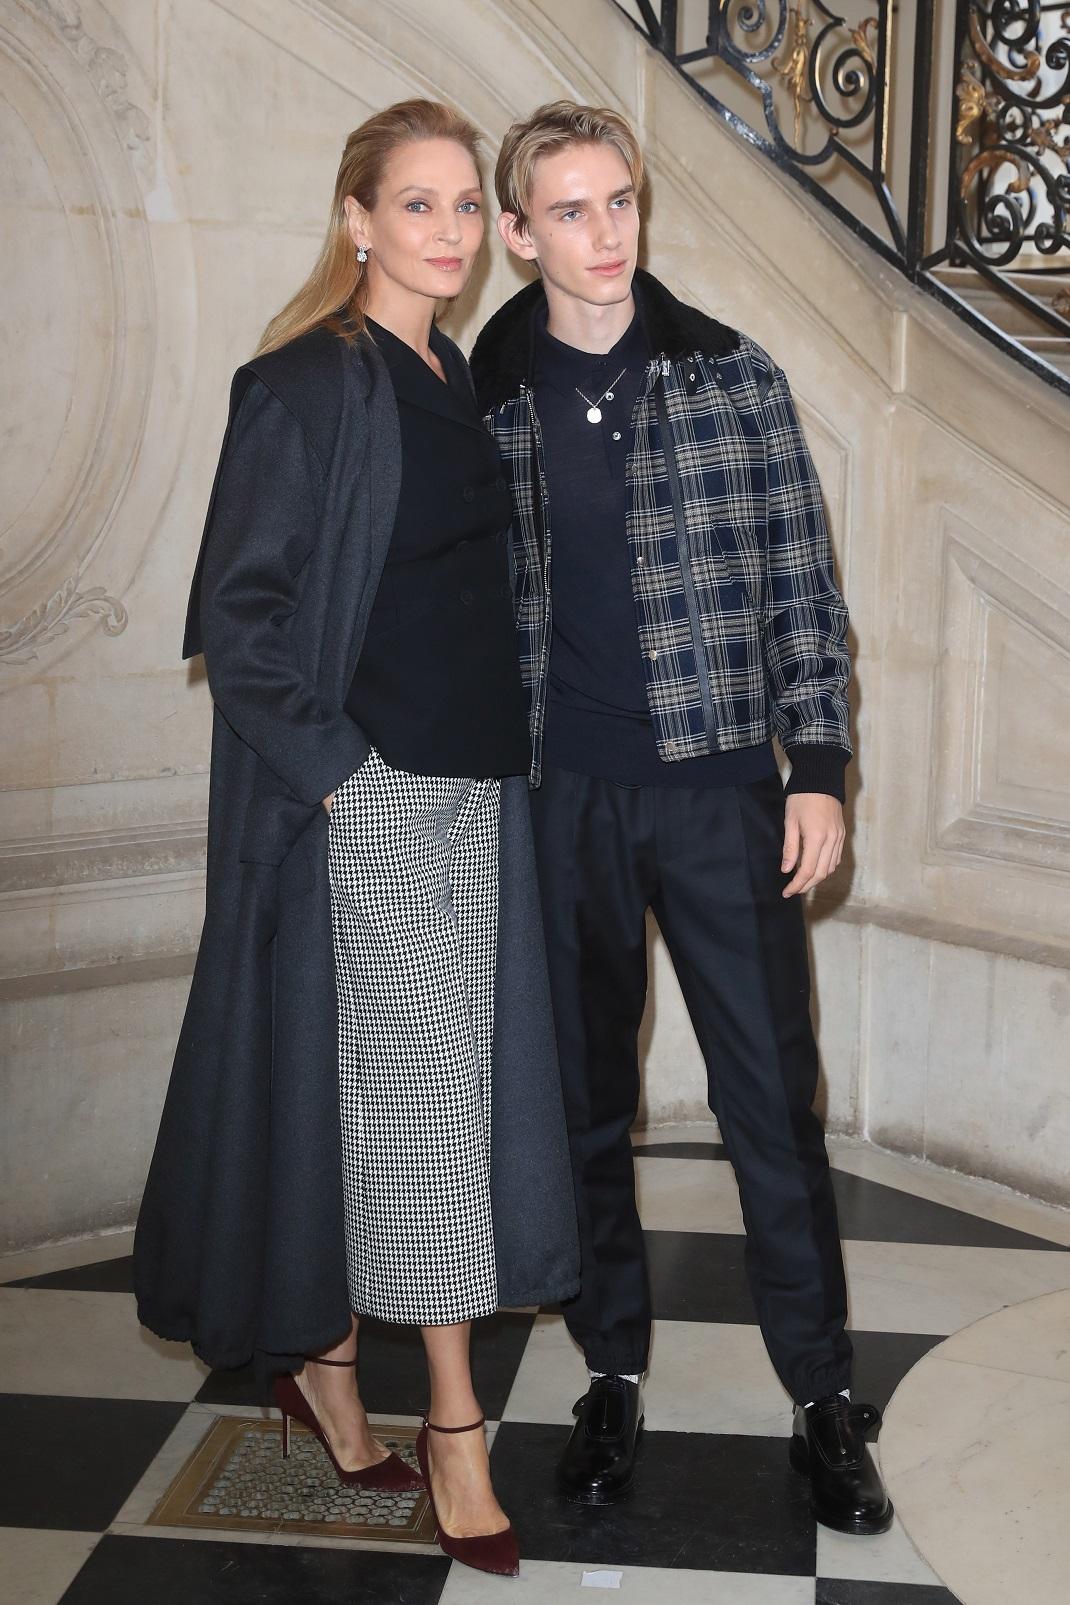 Η Ούμα Θέρμαν με τον Λεβόν Χοκ στο Παρίσι